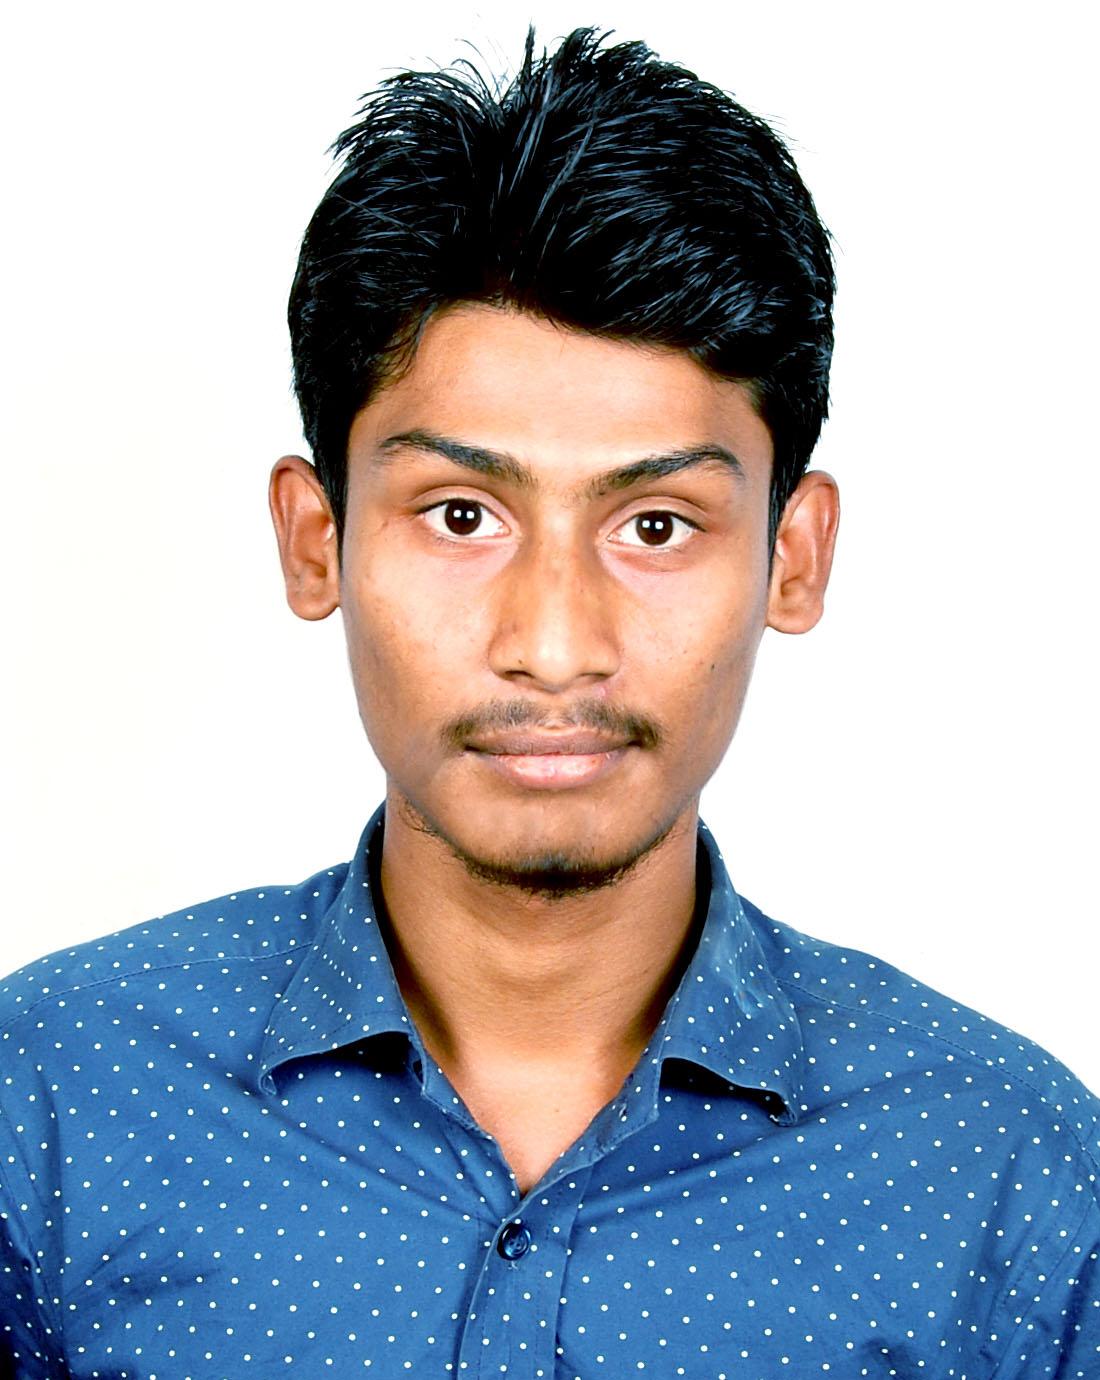 MD JOHIRUL ISLAM TUHIN